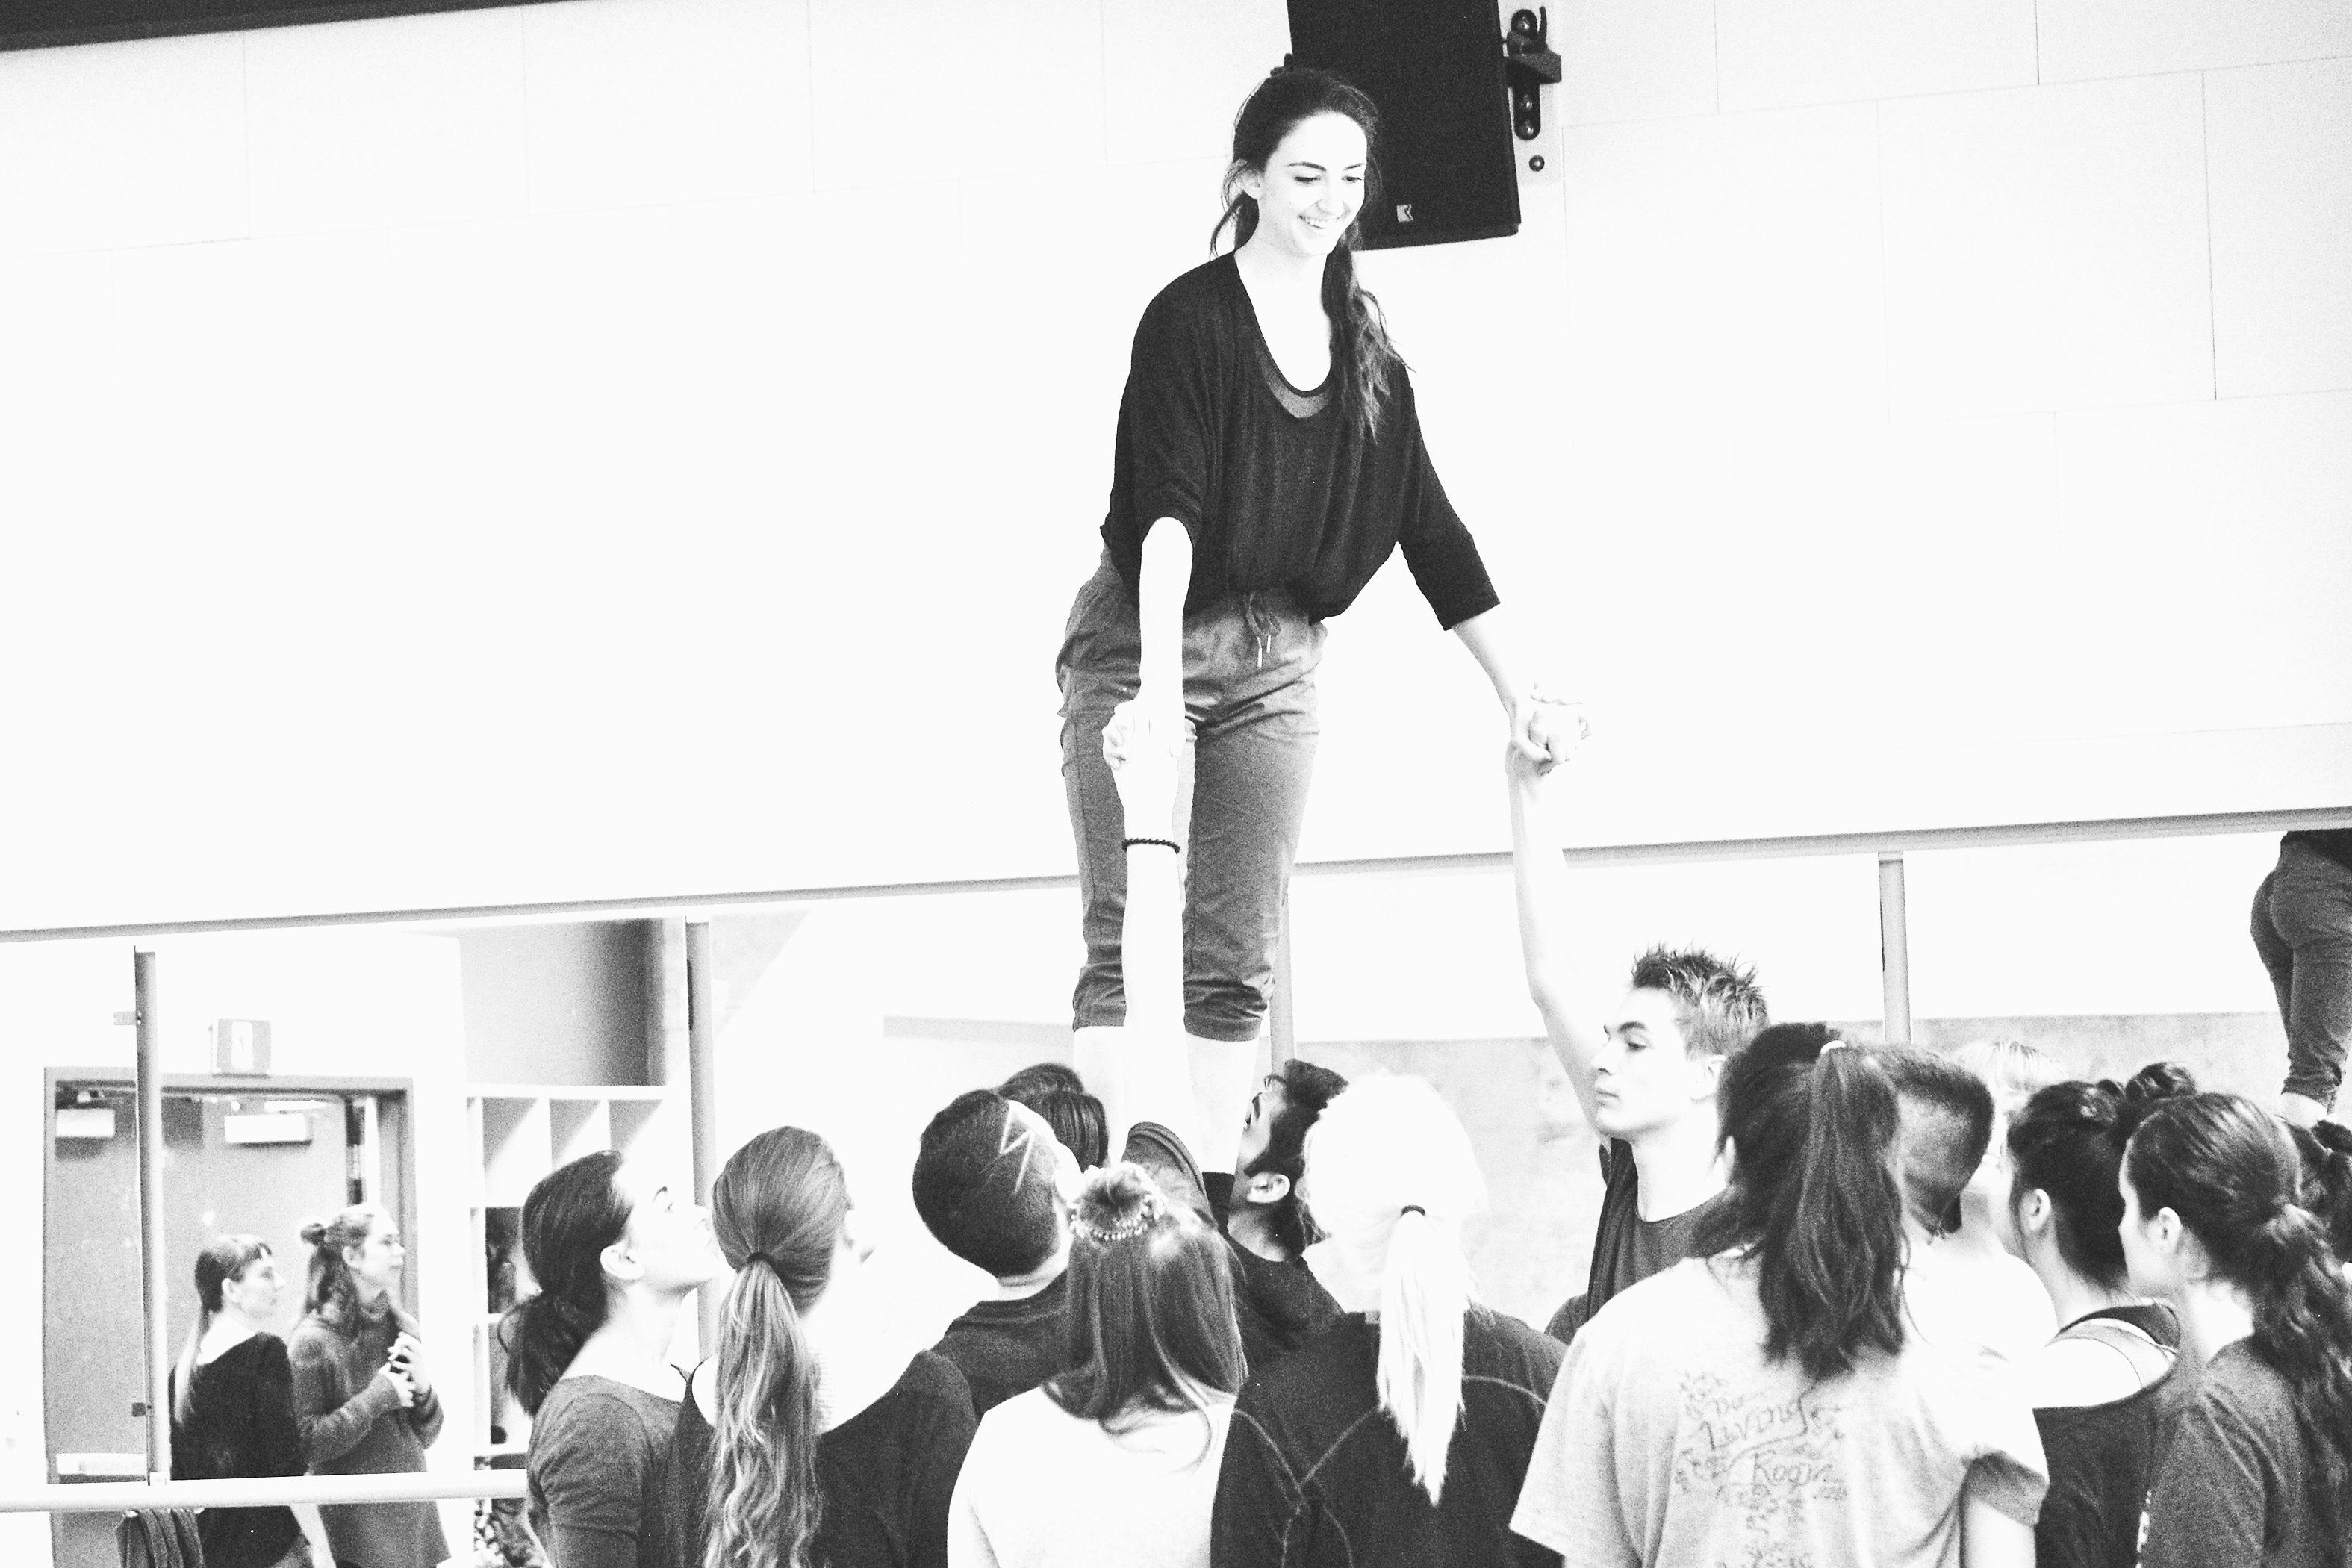 al_ryersondancerehearsals_megs_body4